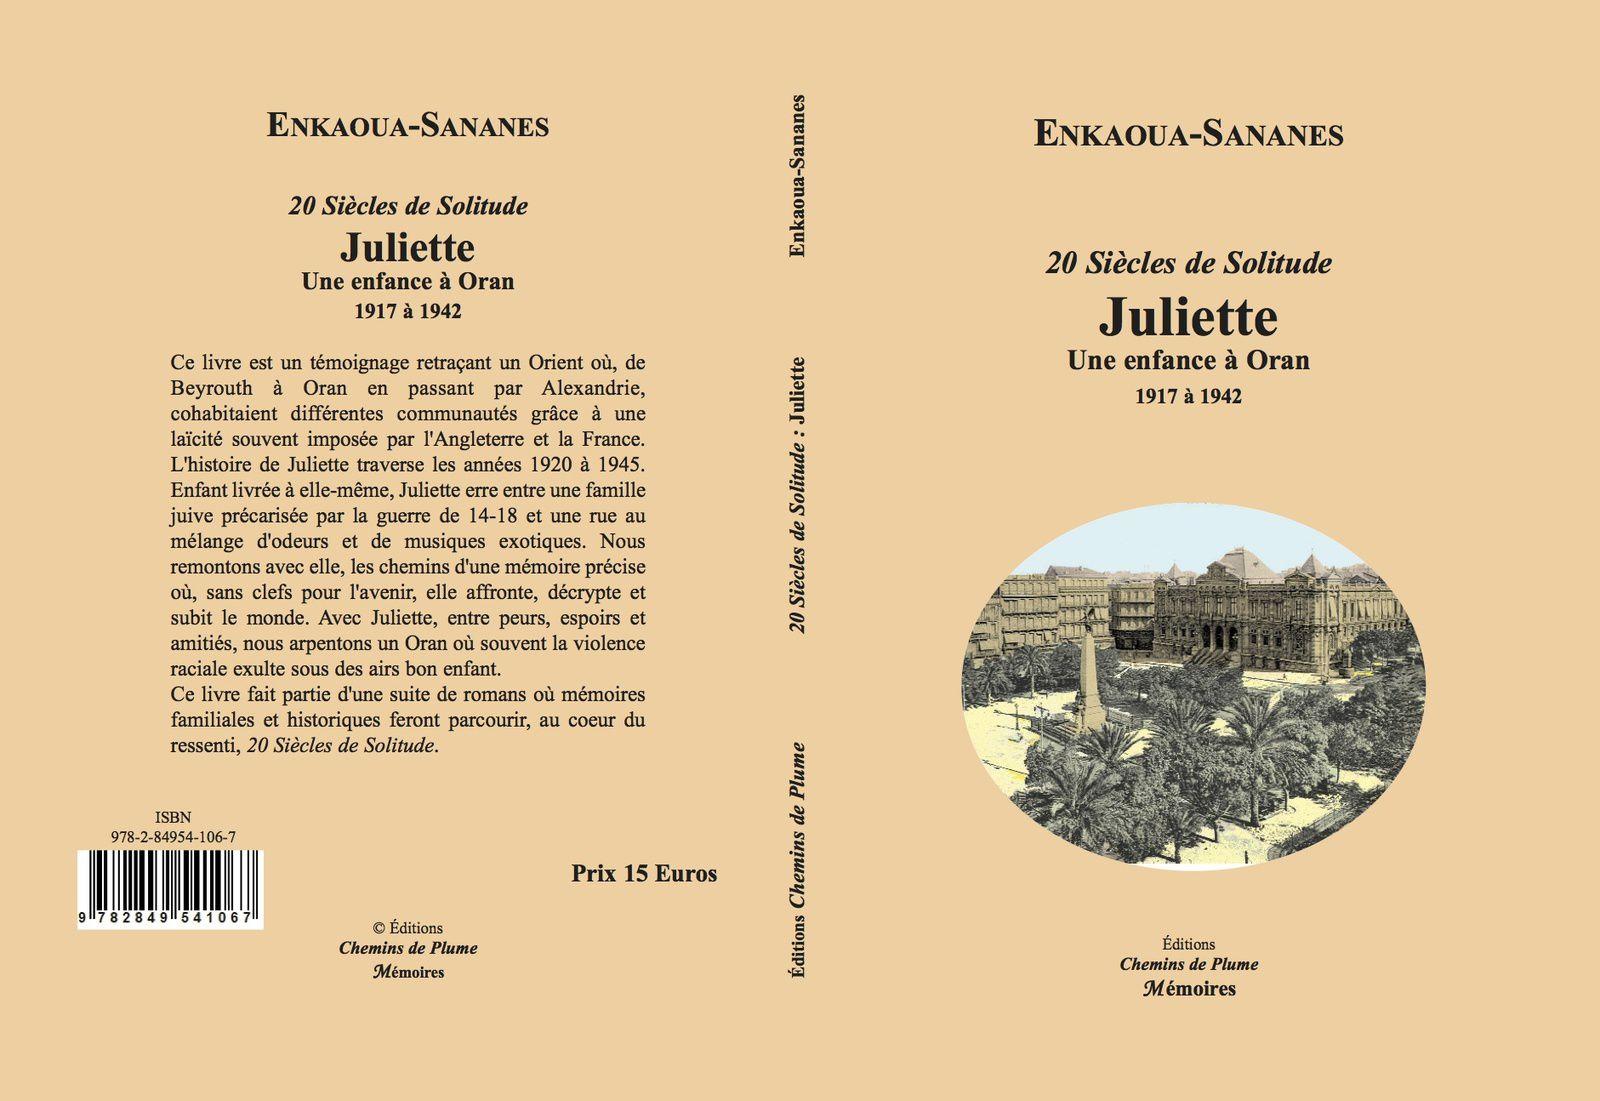 Juliette - Enkaoua/Sananès